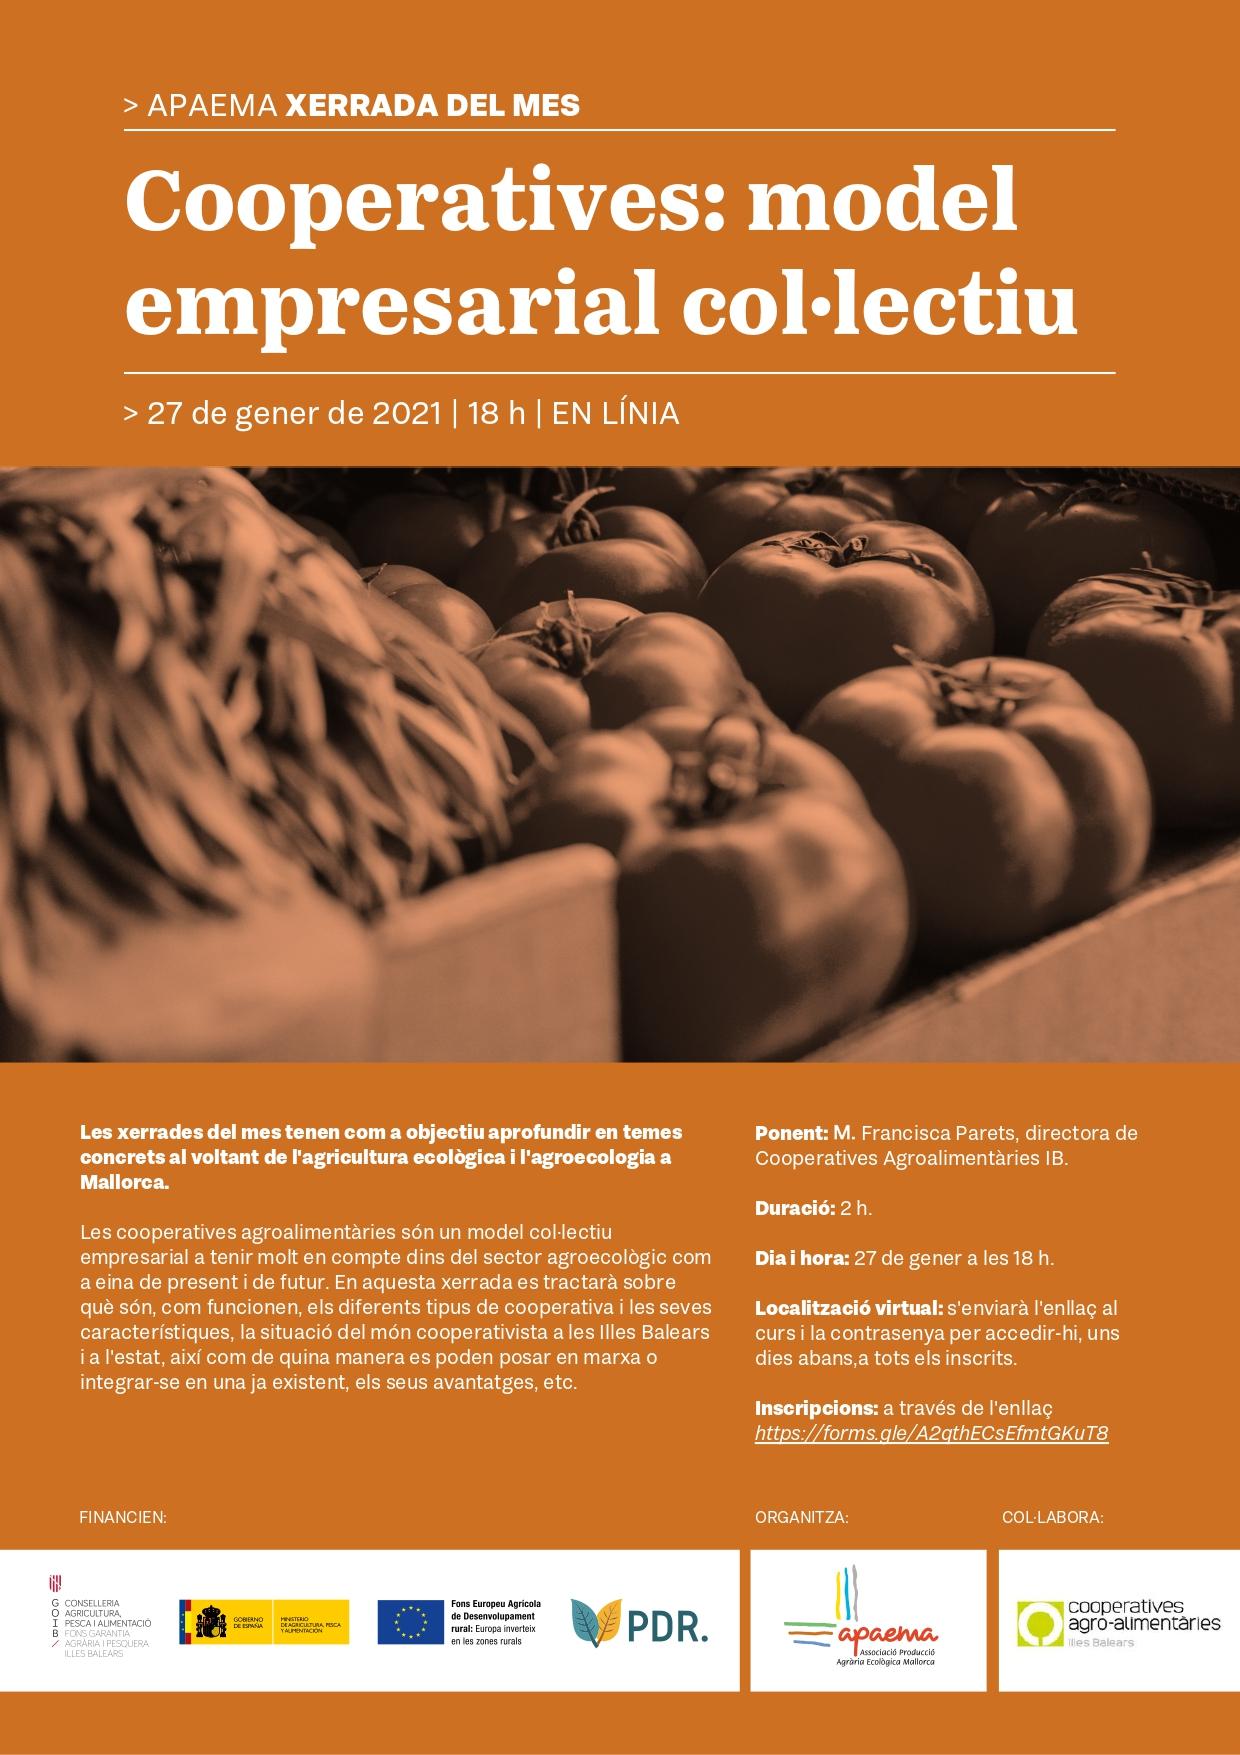 Cooperatives: model empresarial col·lectiu (27-01-21)